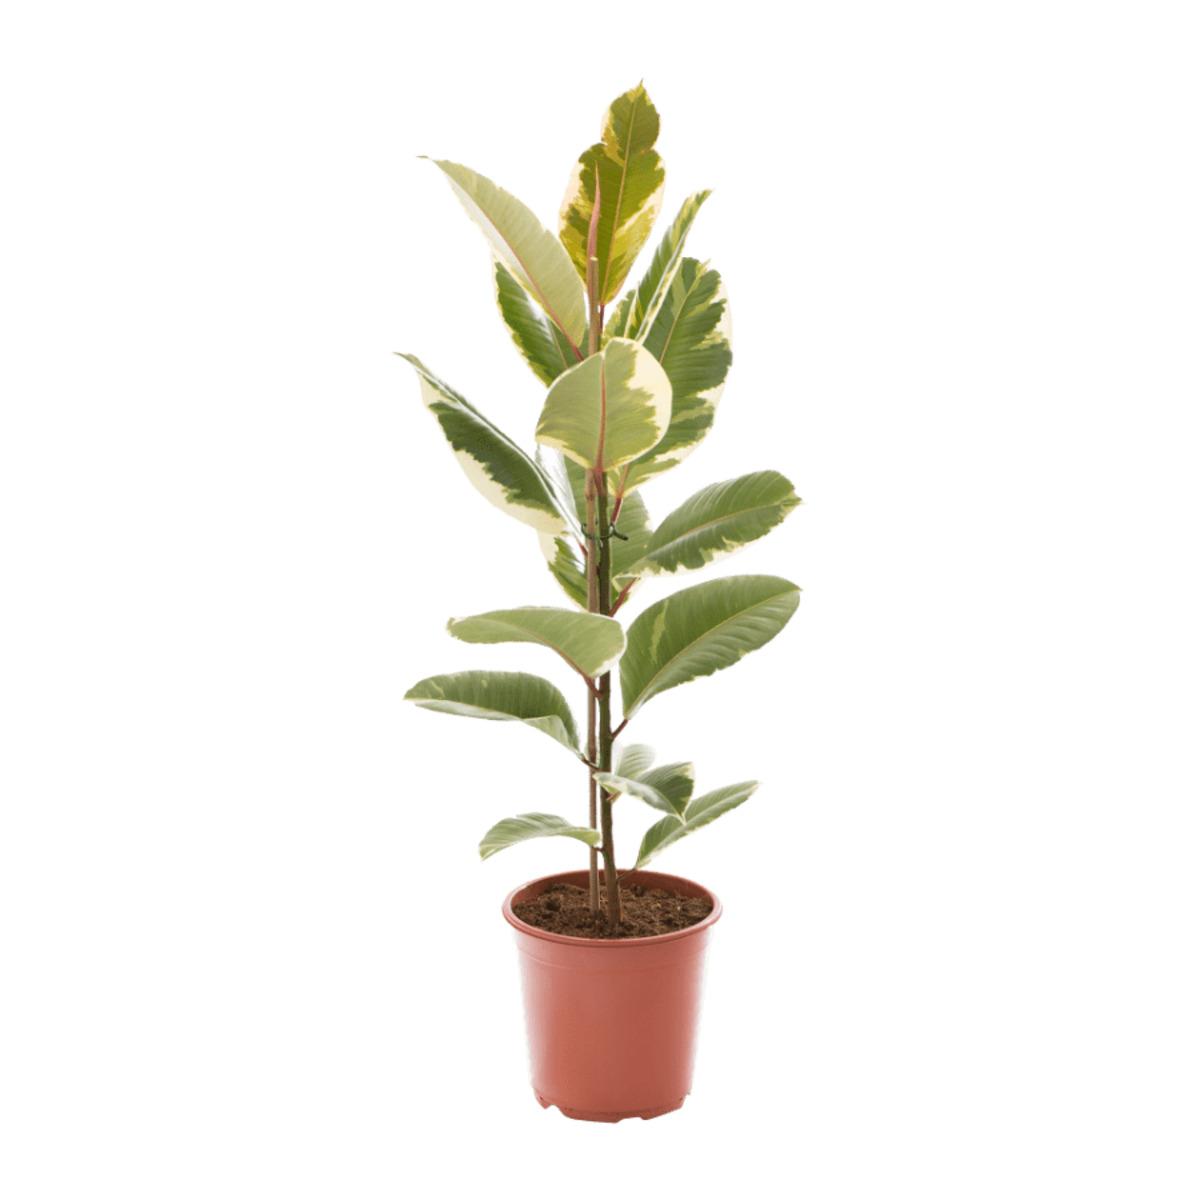 Bild 4 von GARDENLINE     Grünpflanze